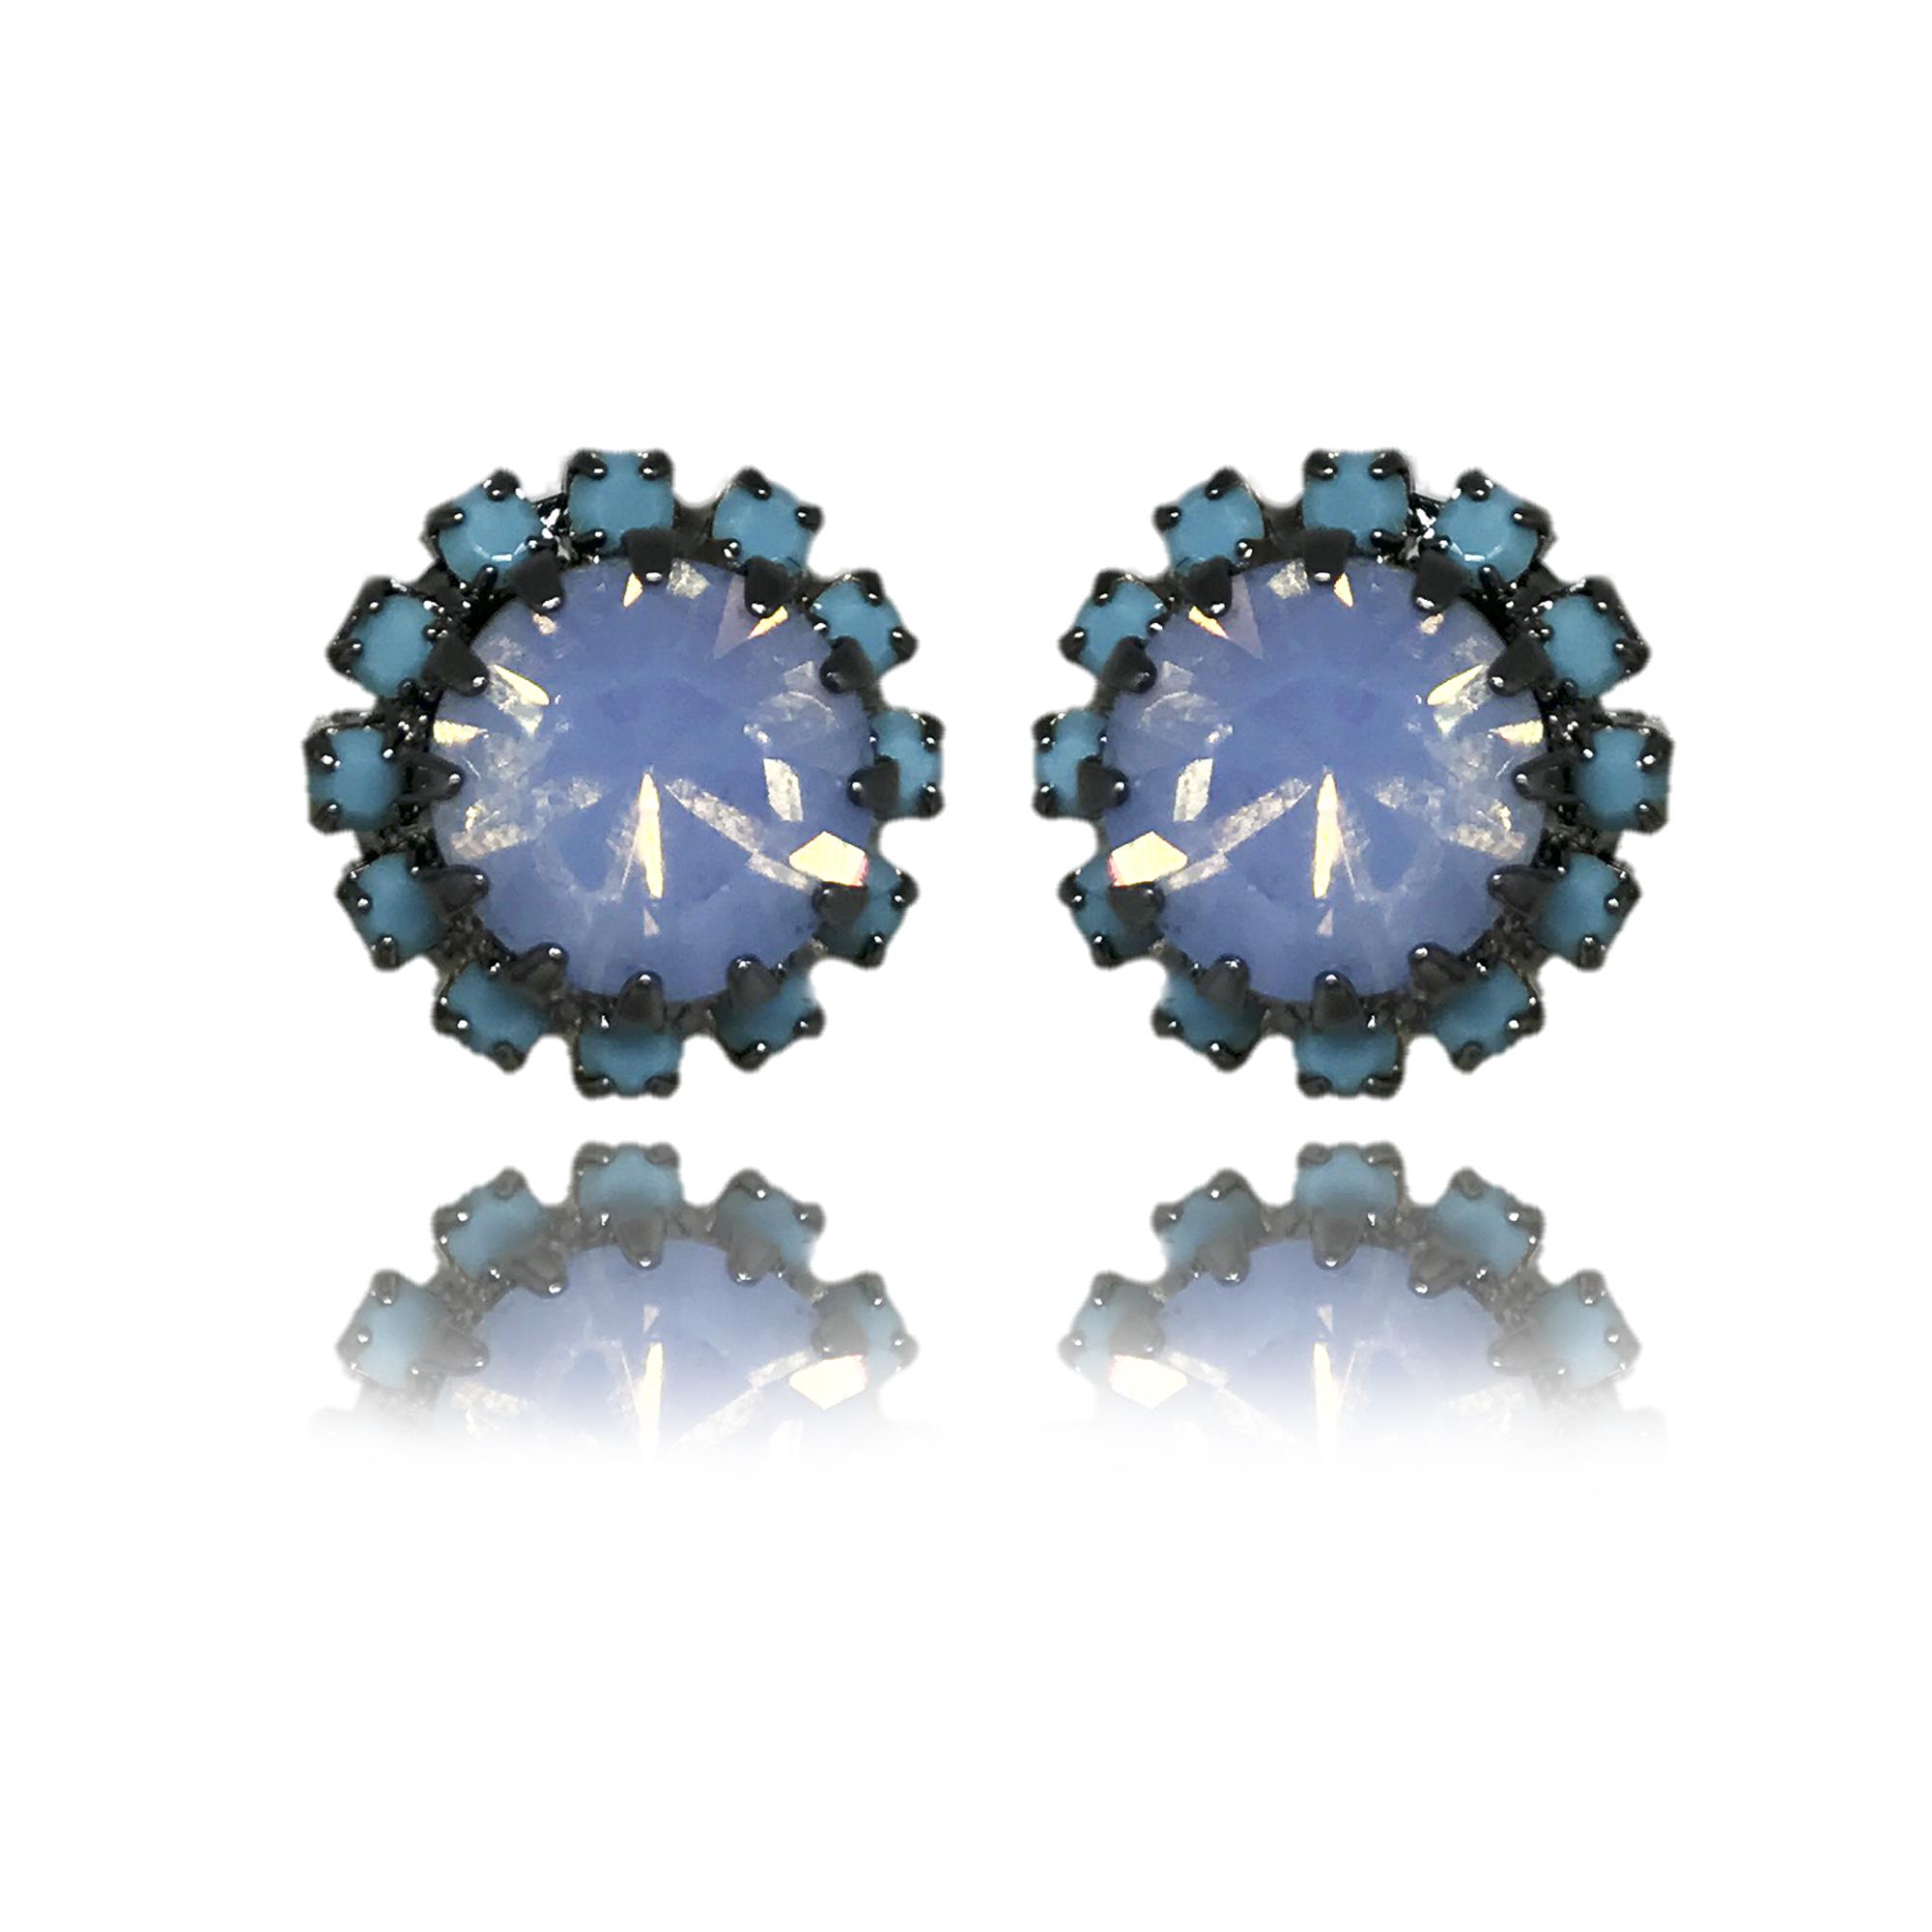 Brinco redondo com cristais azuis folheado em ródio negro